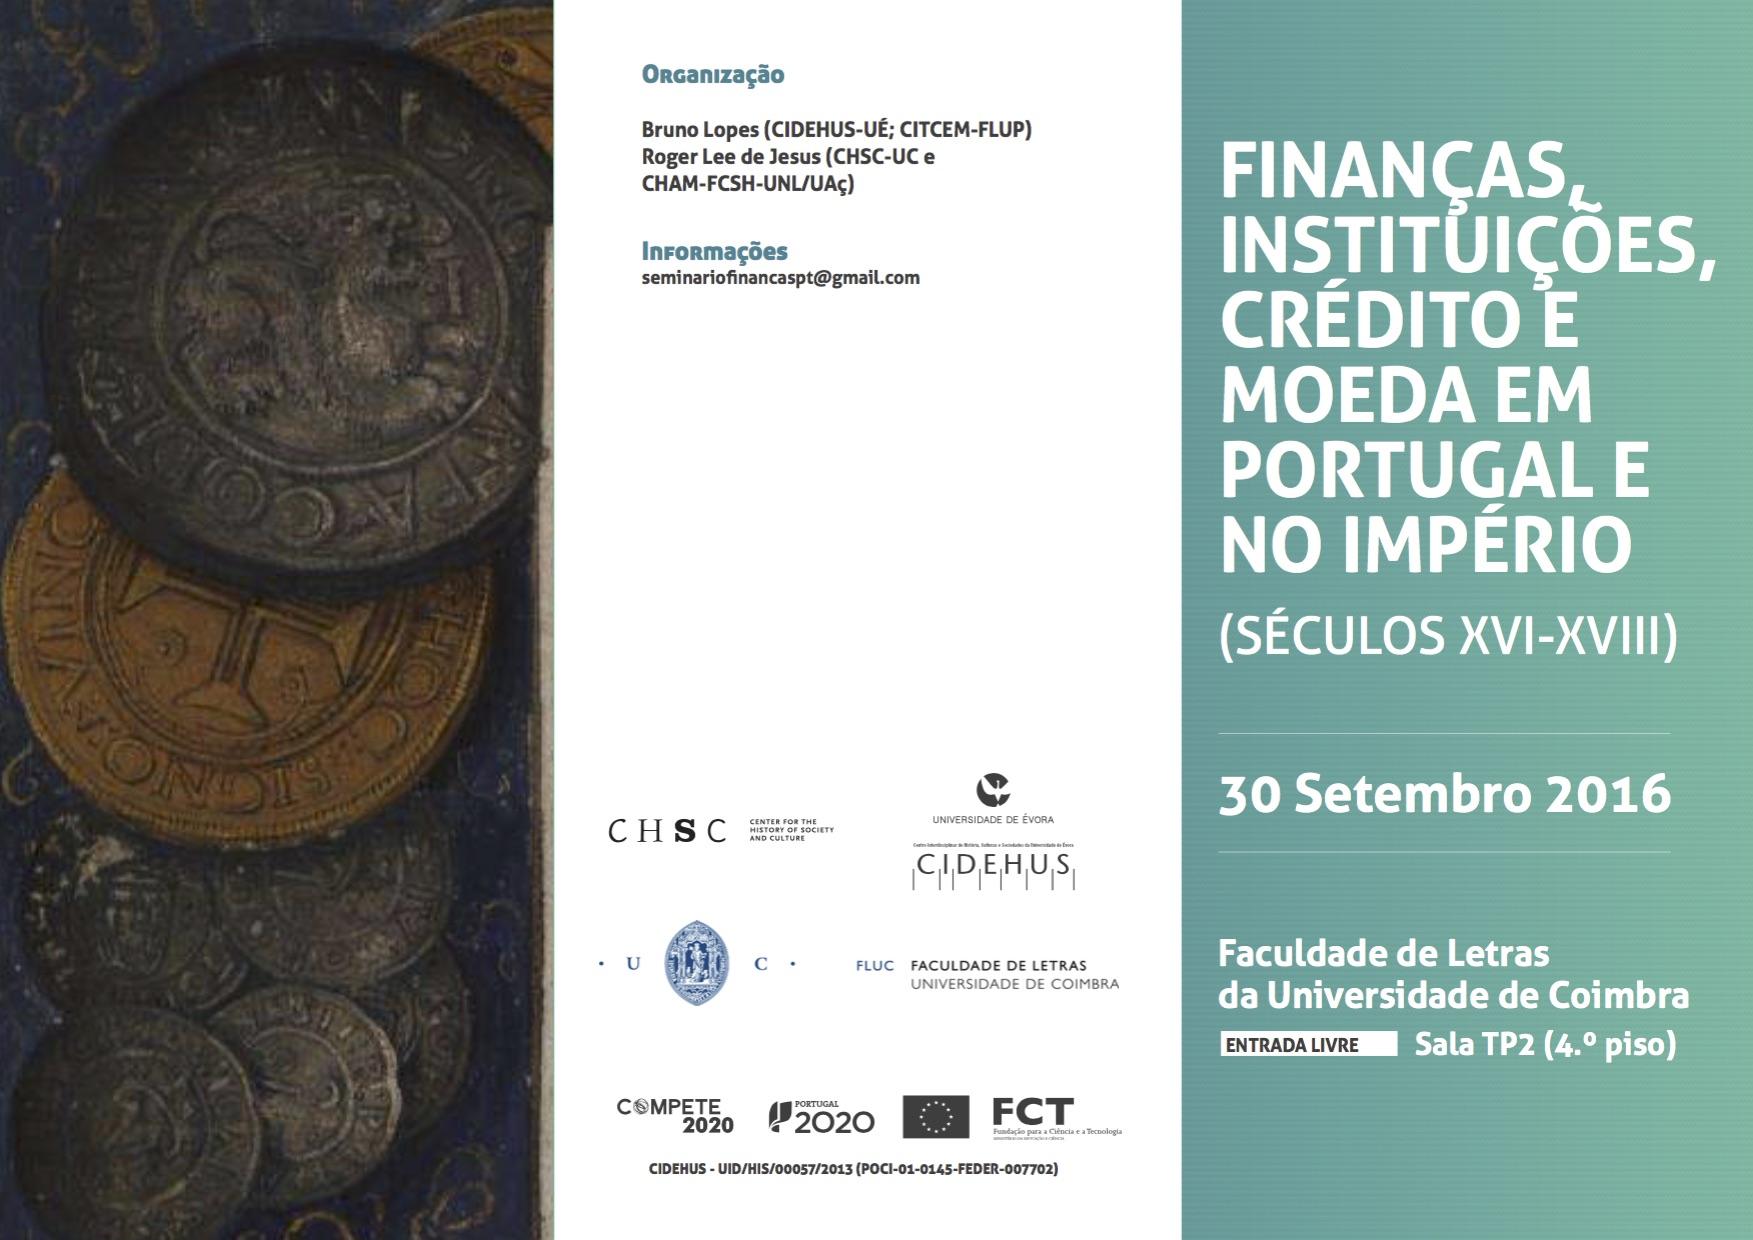 Folheto - Financas, Inst ituições, Crédito e Moeda em Portugal e no Império (séculos XVI-XVIII)